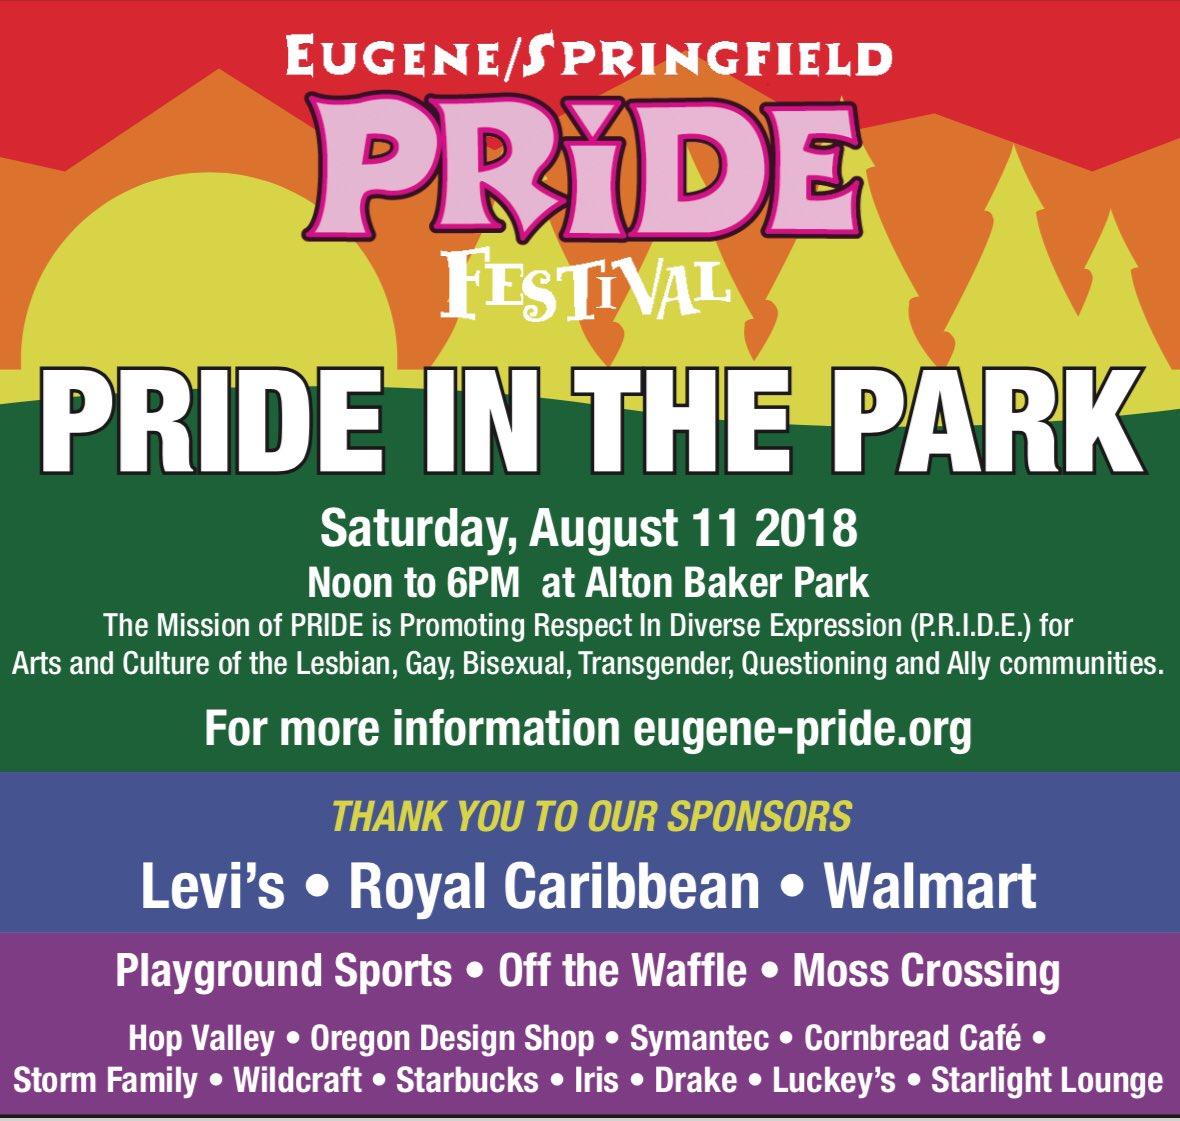 Eugene Gay Pride on Twitter: